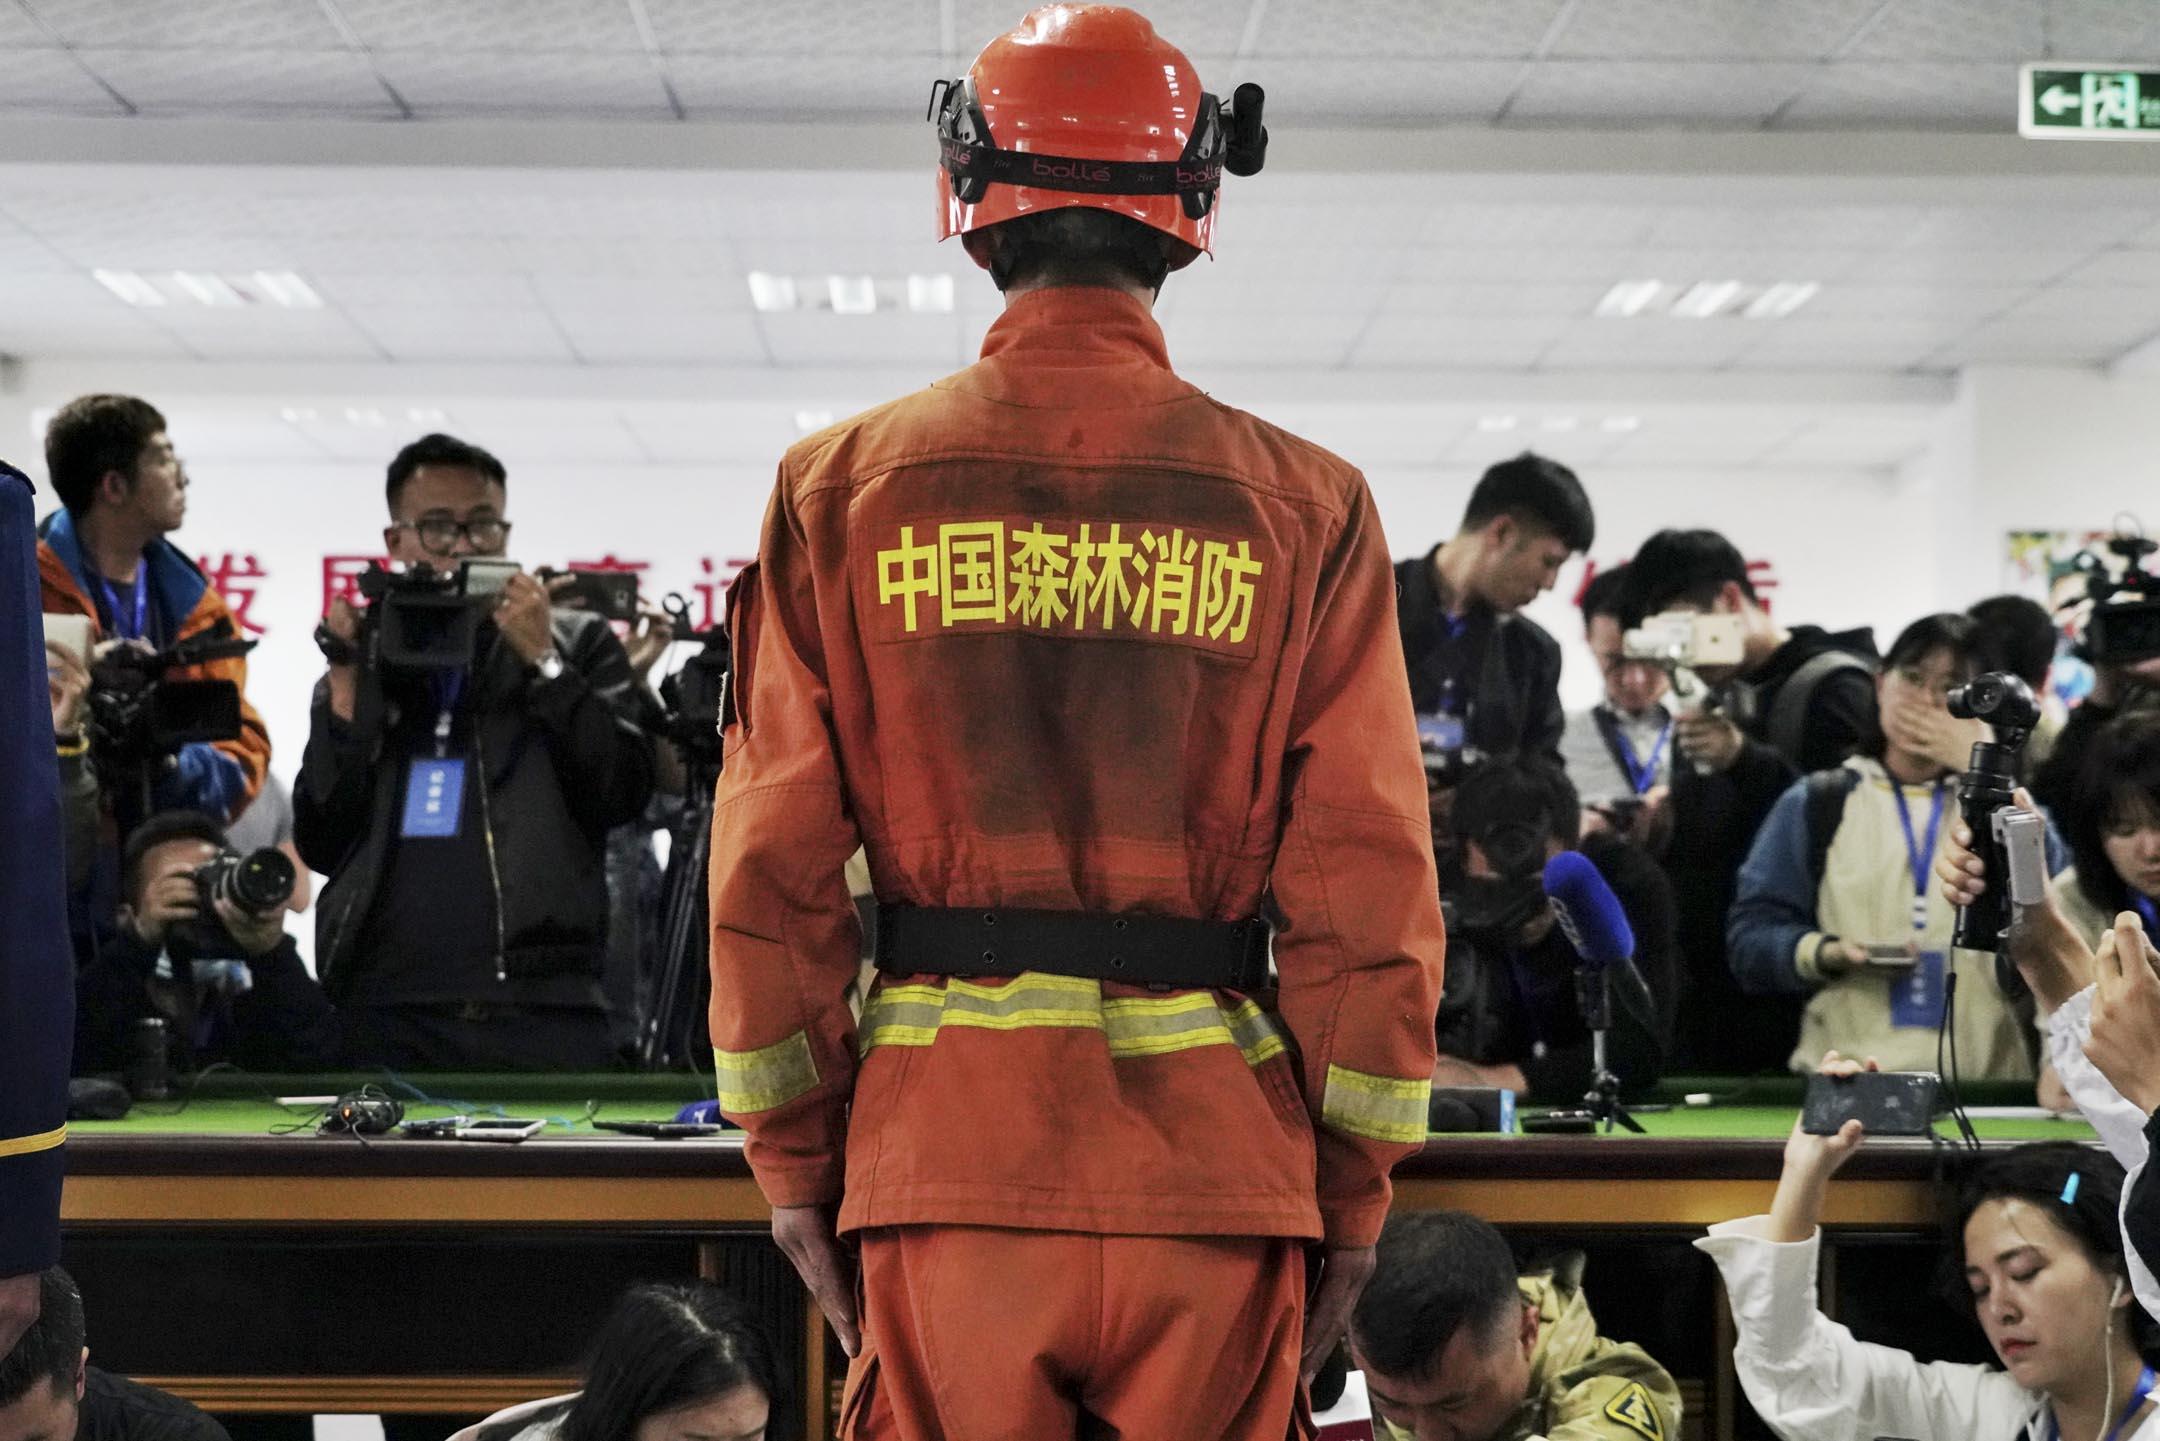 2019年4月3日,四川涼山火災造成27名消防員殉職,記者會現場,媒體記者聚焦中國森林消防問題。